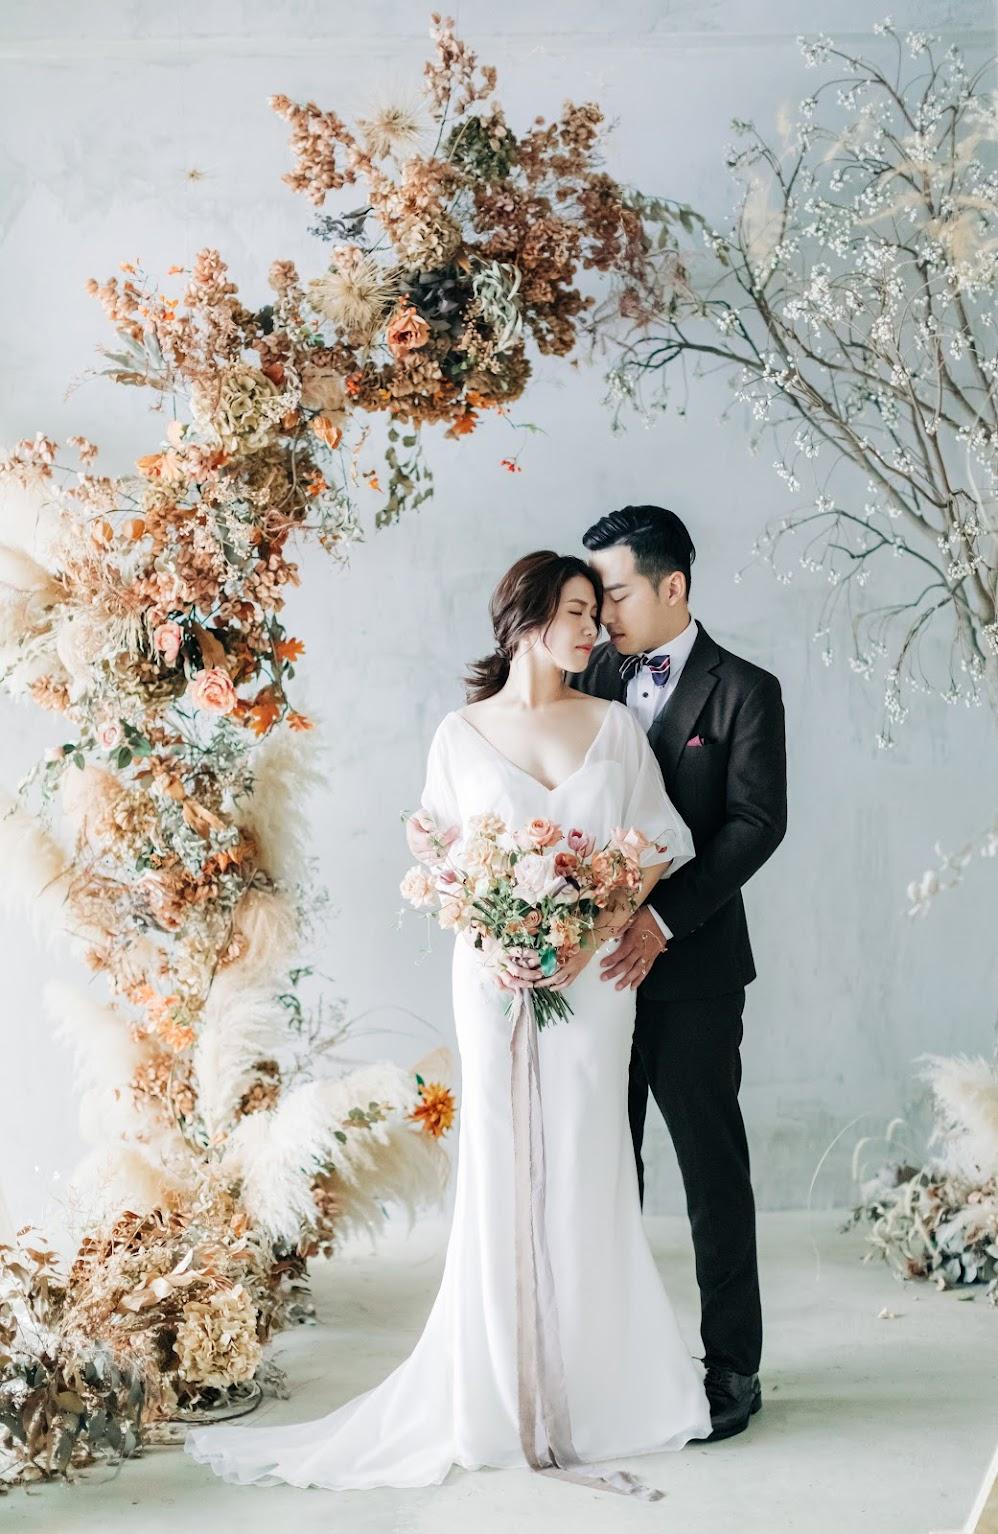 台中美式婚紗 和 美式婚禮 的攝影品牌-Amazing Grace Studio攝影美學